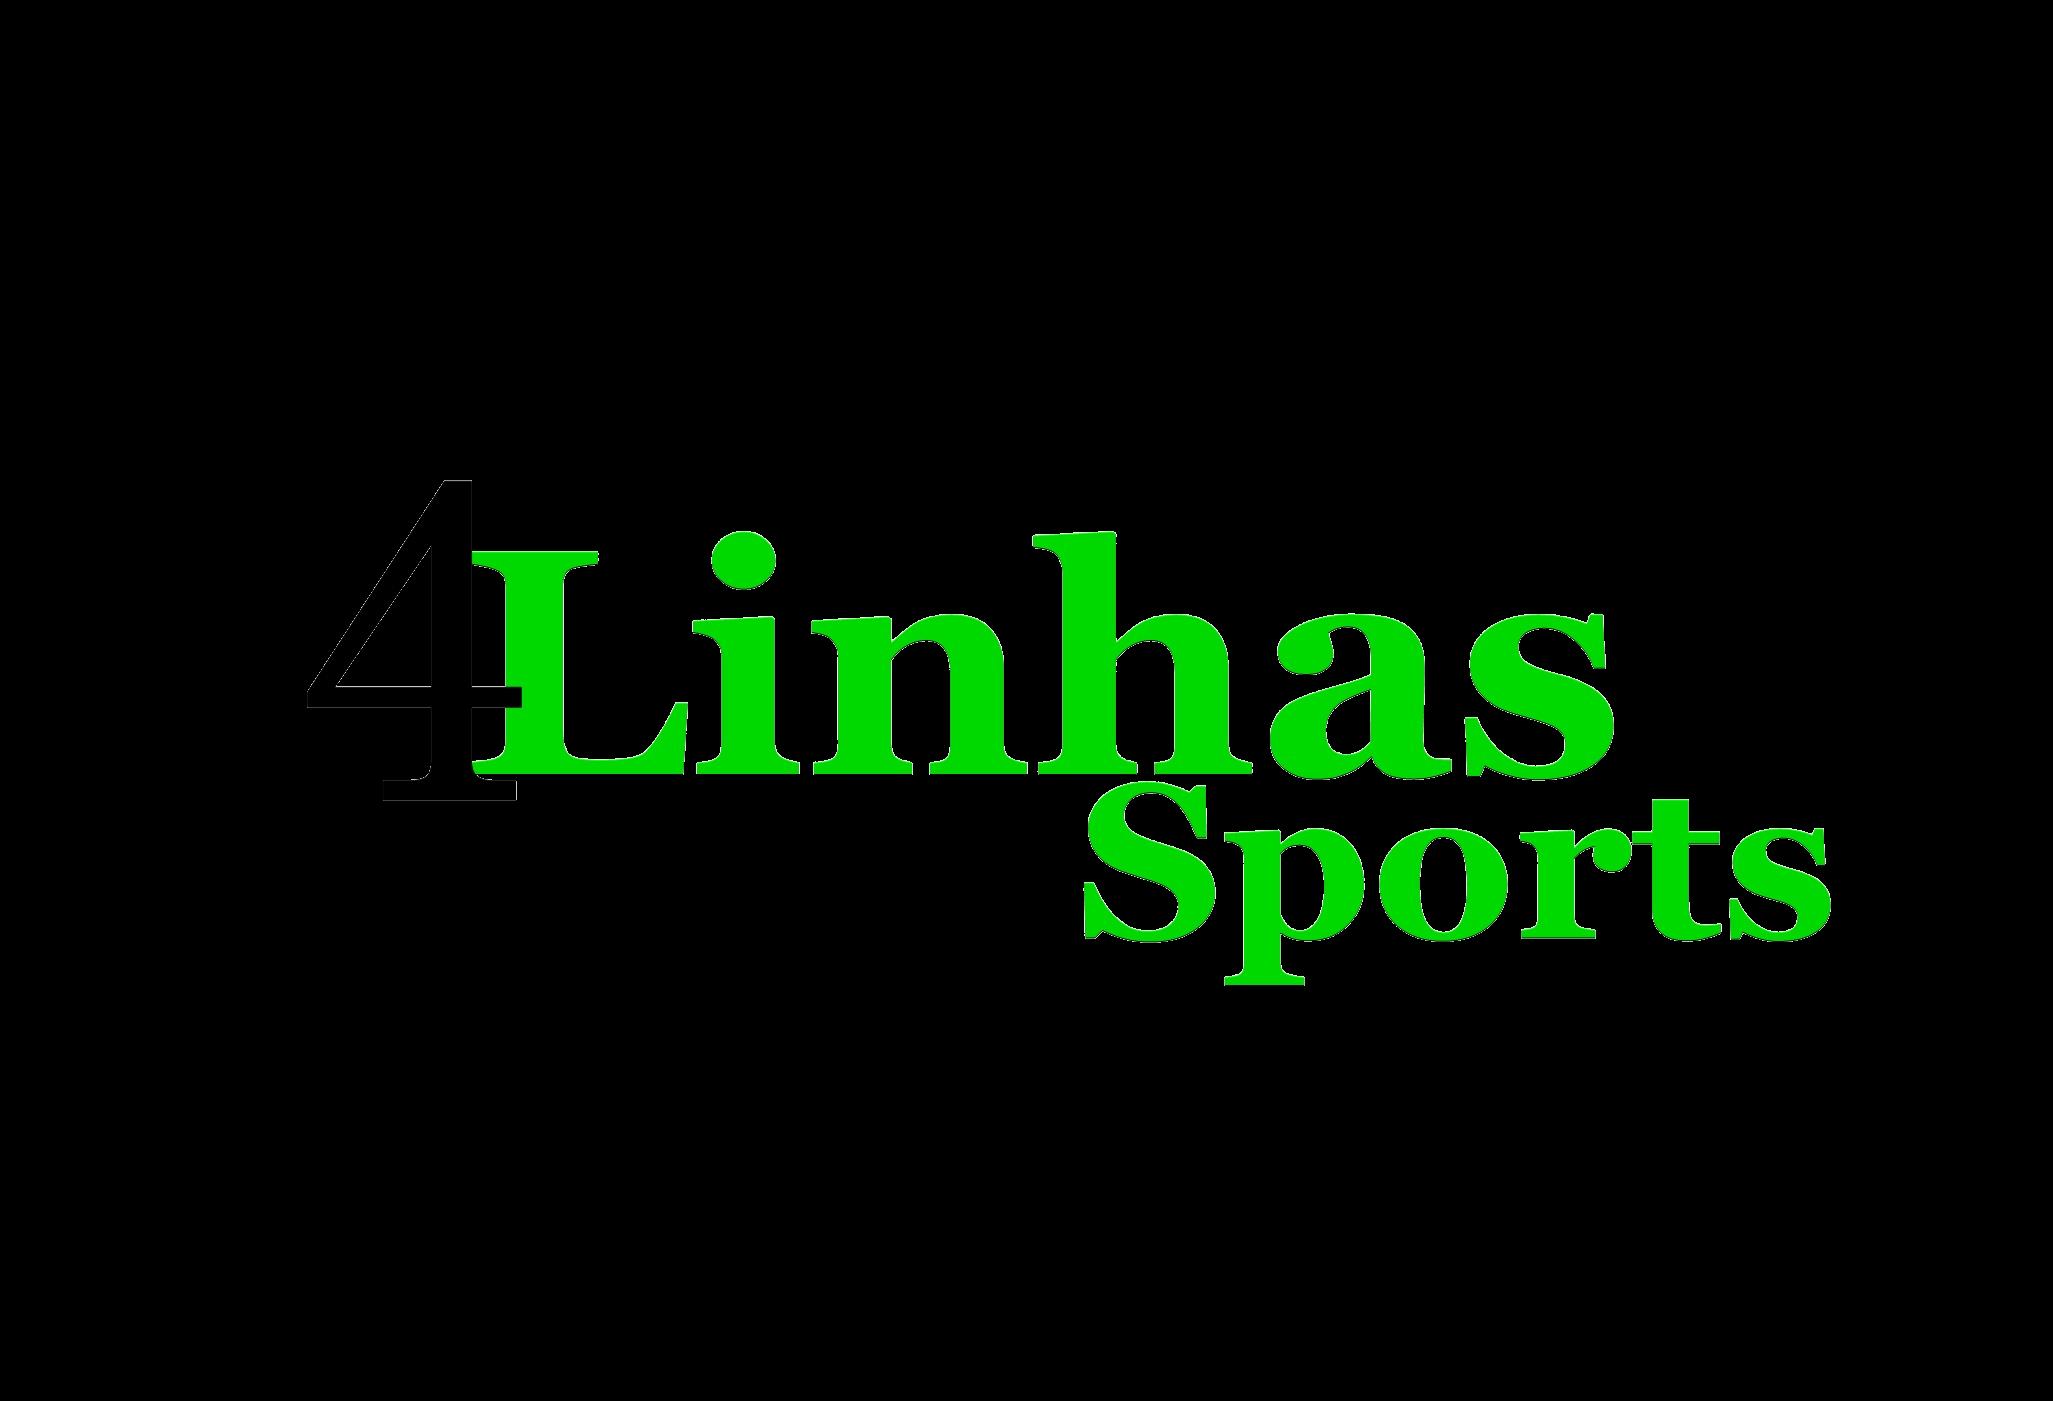 4linhas sports